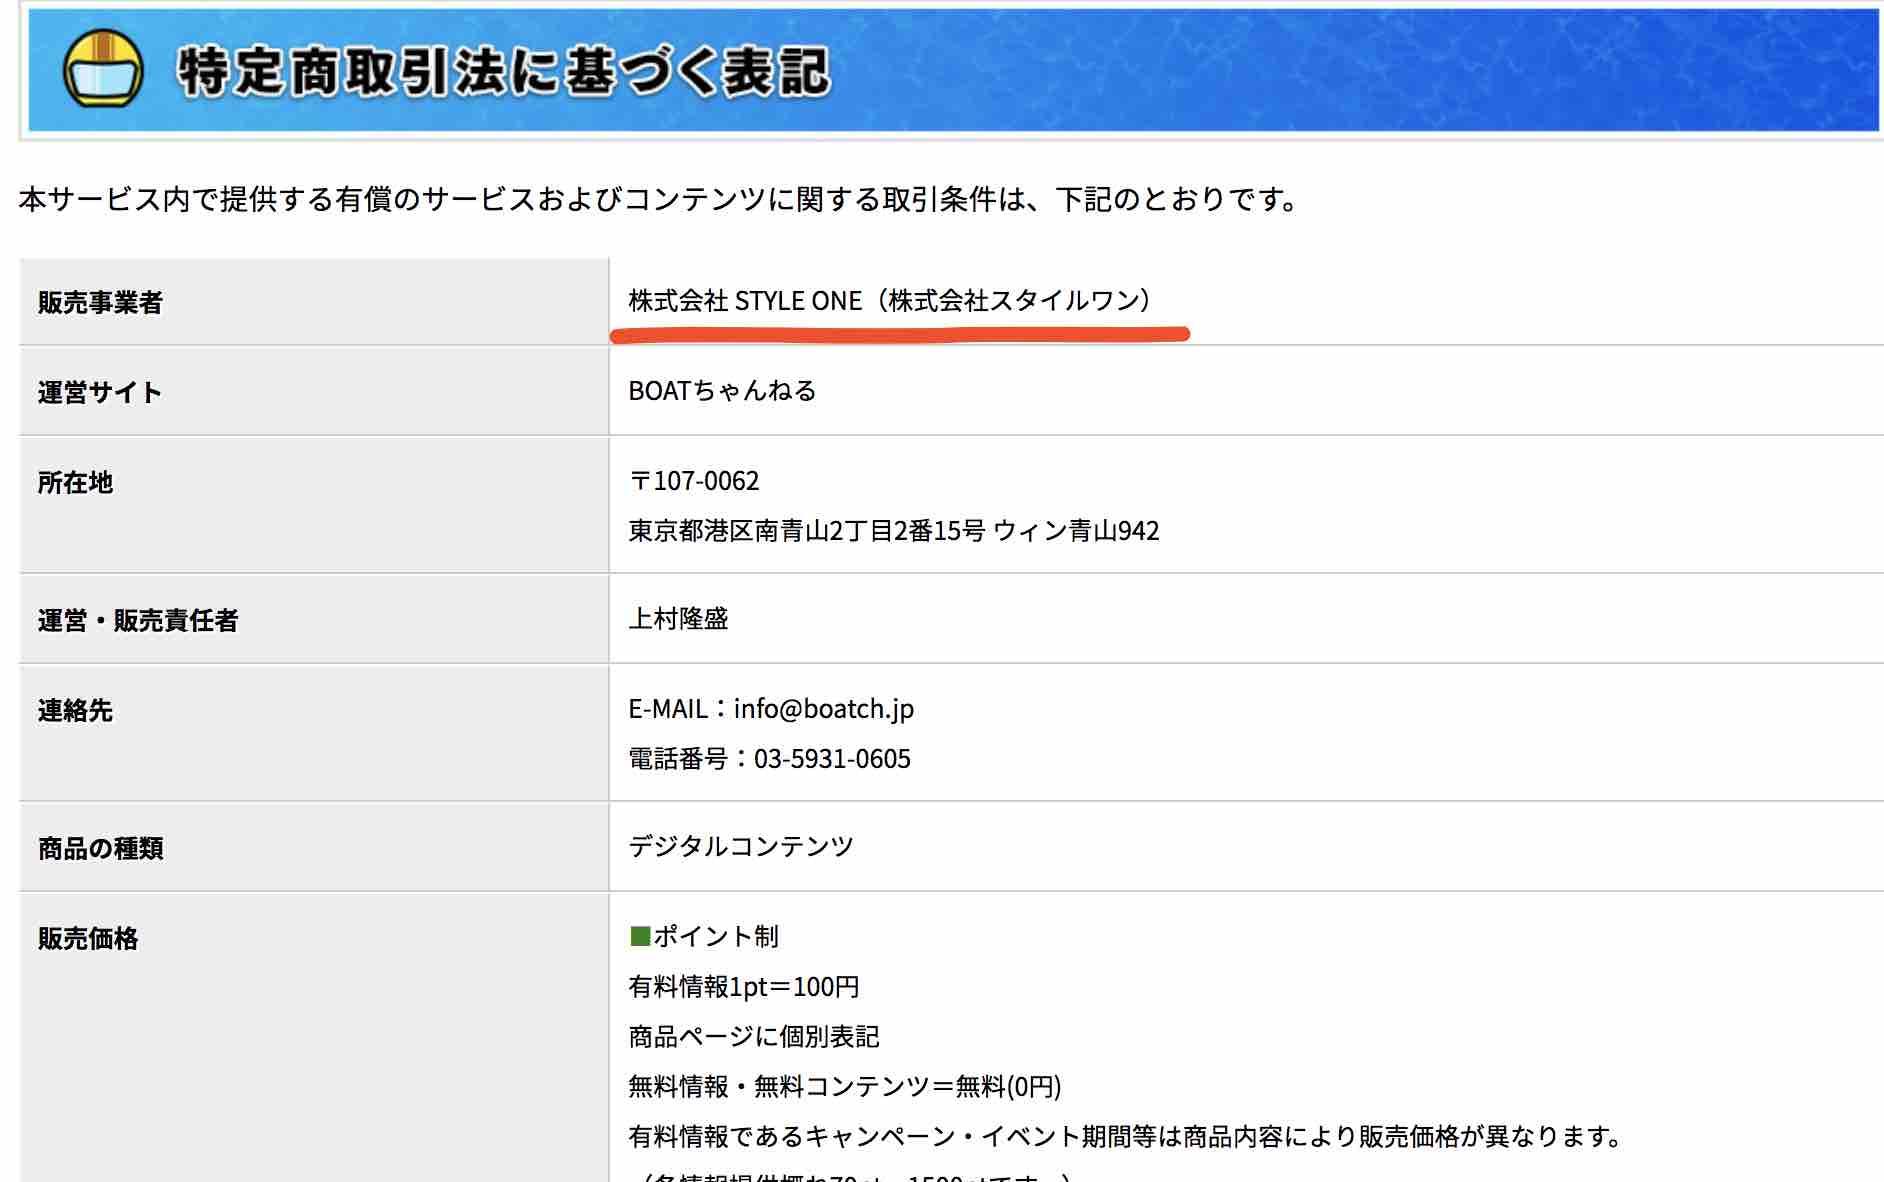 BOATちゃんねる(ボートチャンネル)という競艇予想サイトは、UMAチャンネルと同じ運営会社